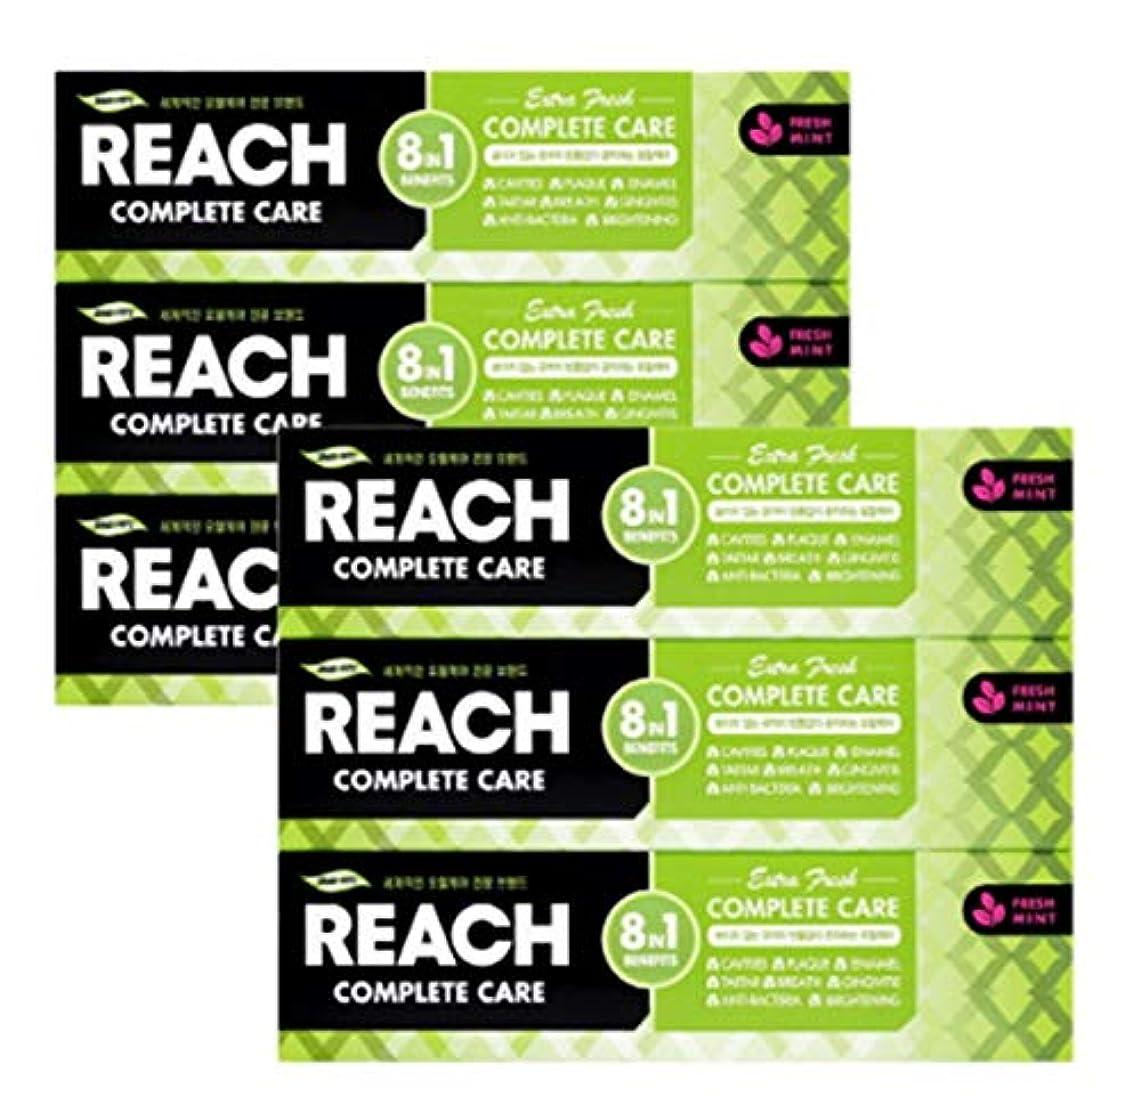 バス才能仕事[LG生活と健康] LG Rich Complete Care Toothpaste Extra Freshリッチコンプリートケア歯磨き粉エクストラフレッシュ120gx6つの(海外直送品)